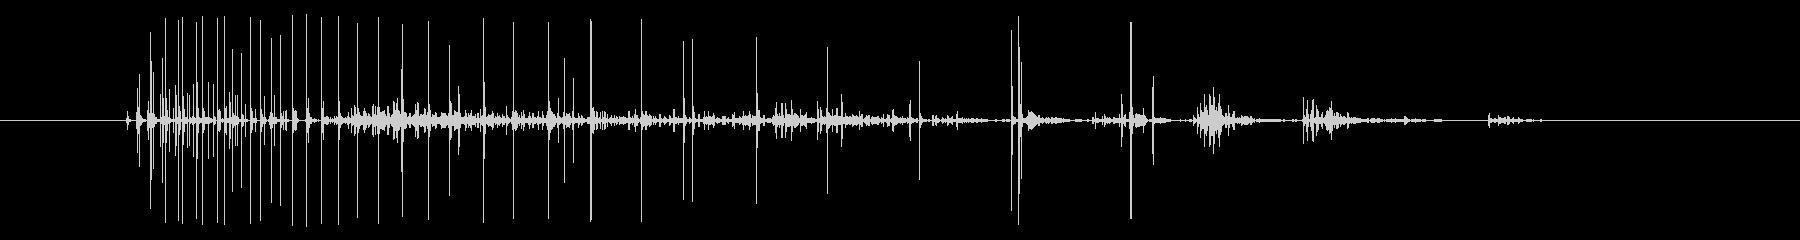 ノイズ 途切れ途切れのノイズショート01の未再生の波形